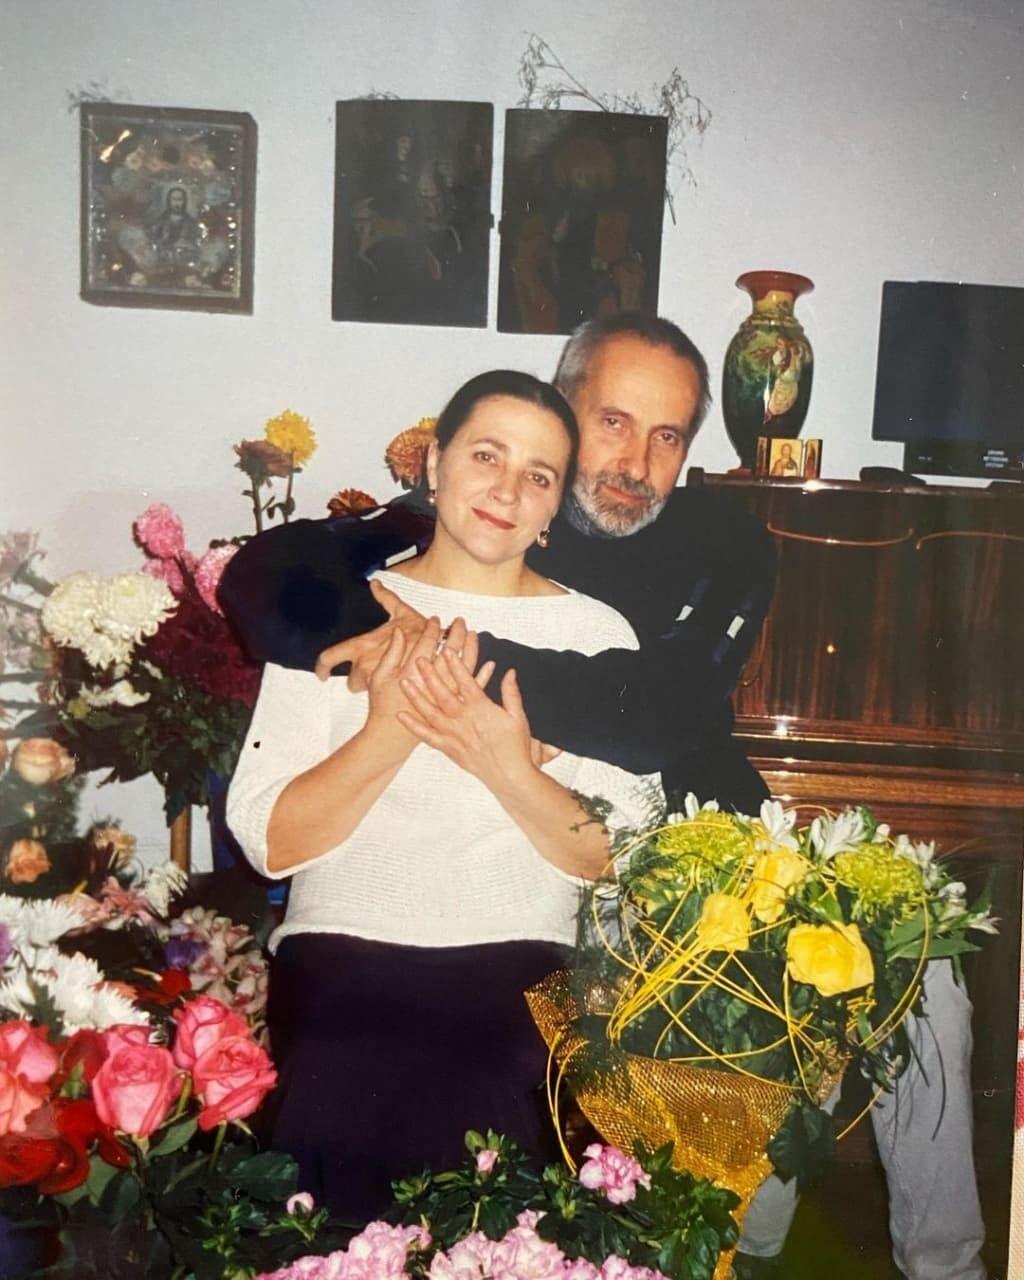 Нина Матвиенко с мужем празднуют золотую свадьбу